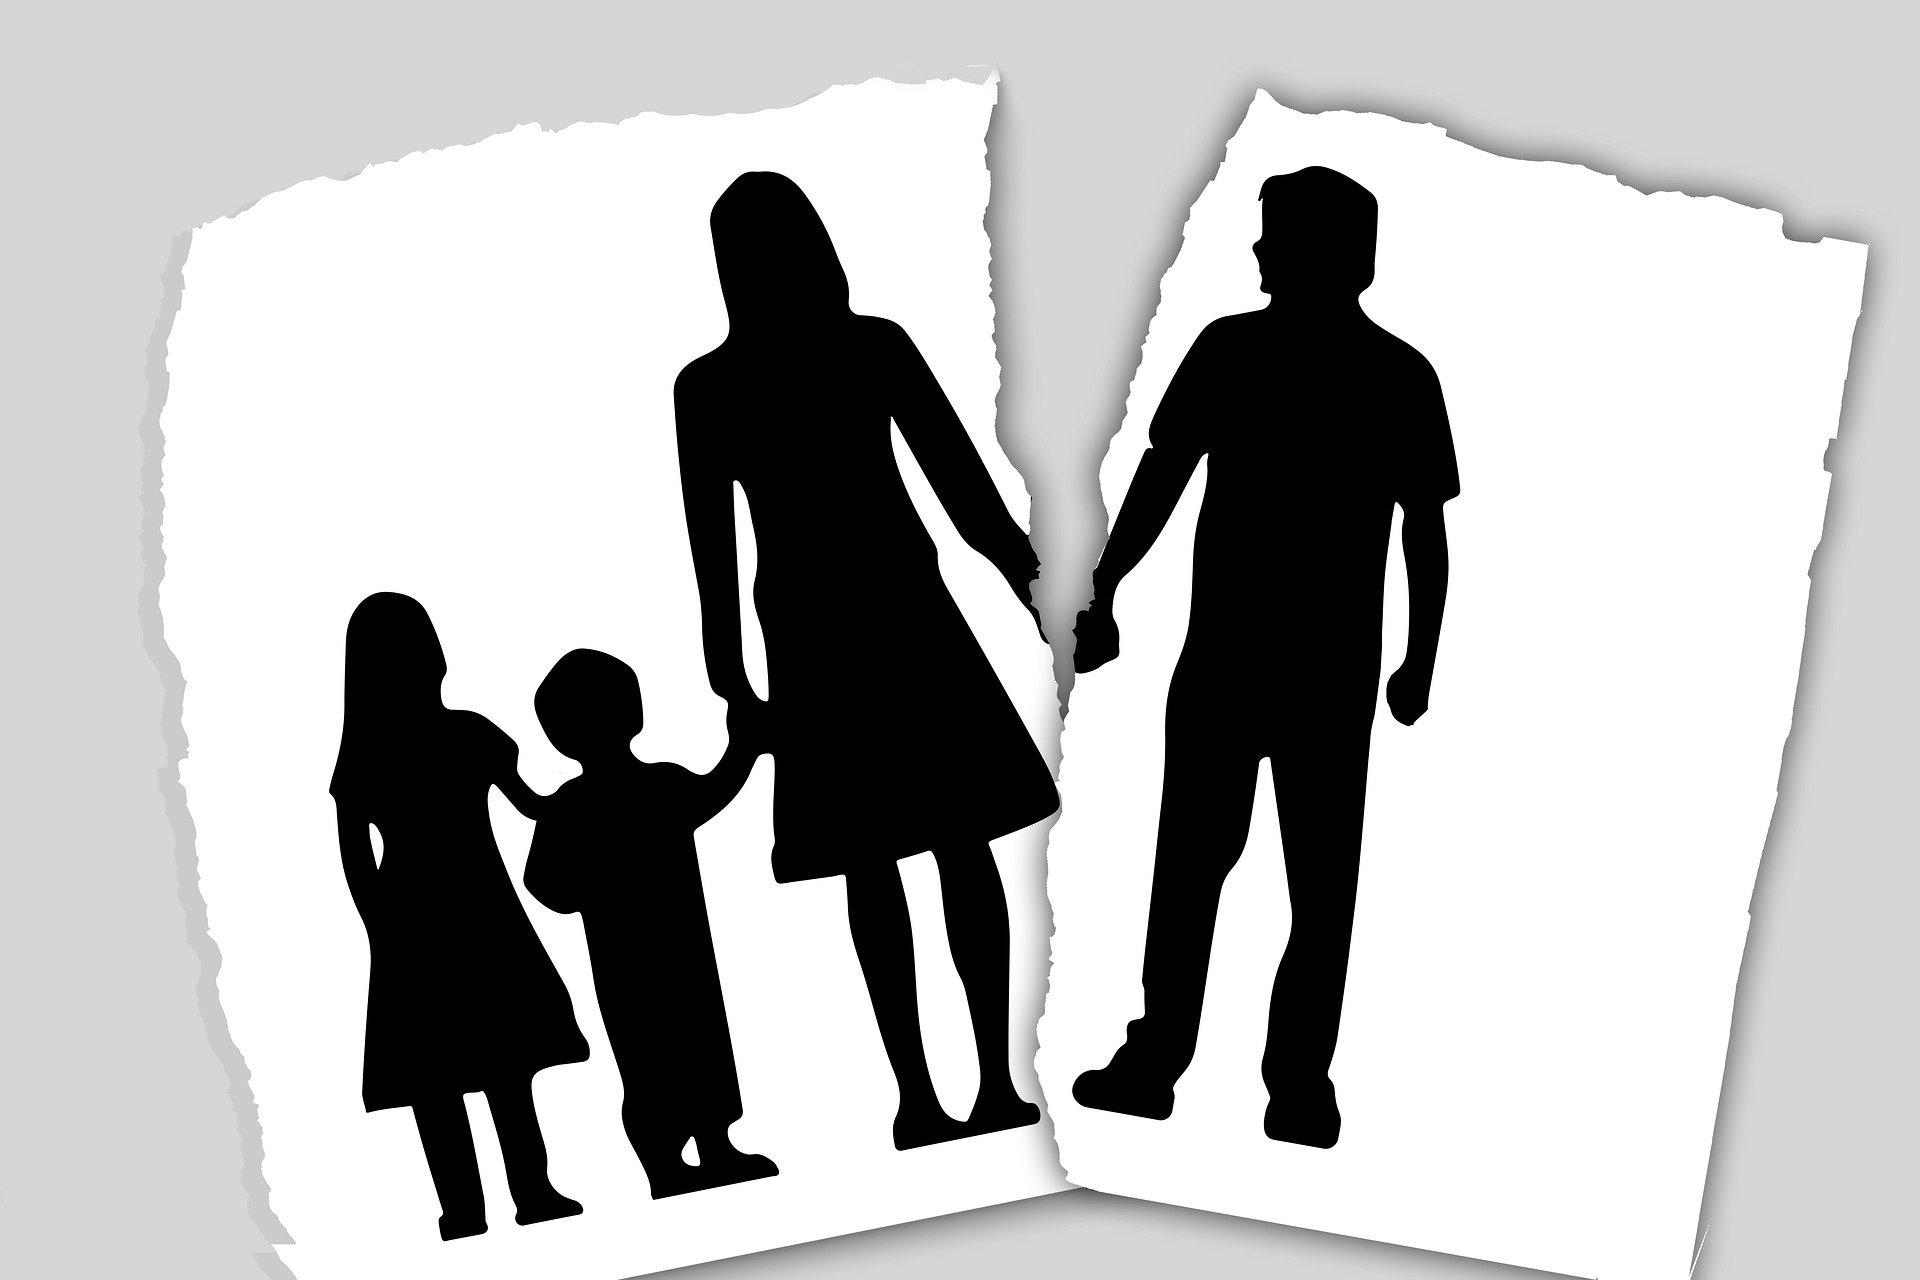 Що буде, якщо розлучитися після вінчання?